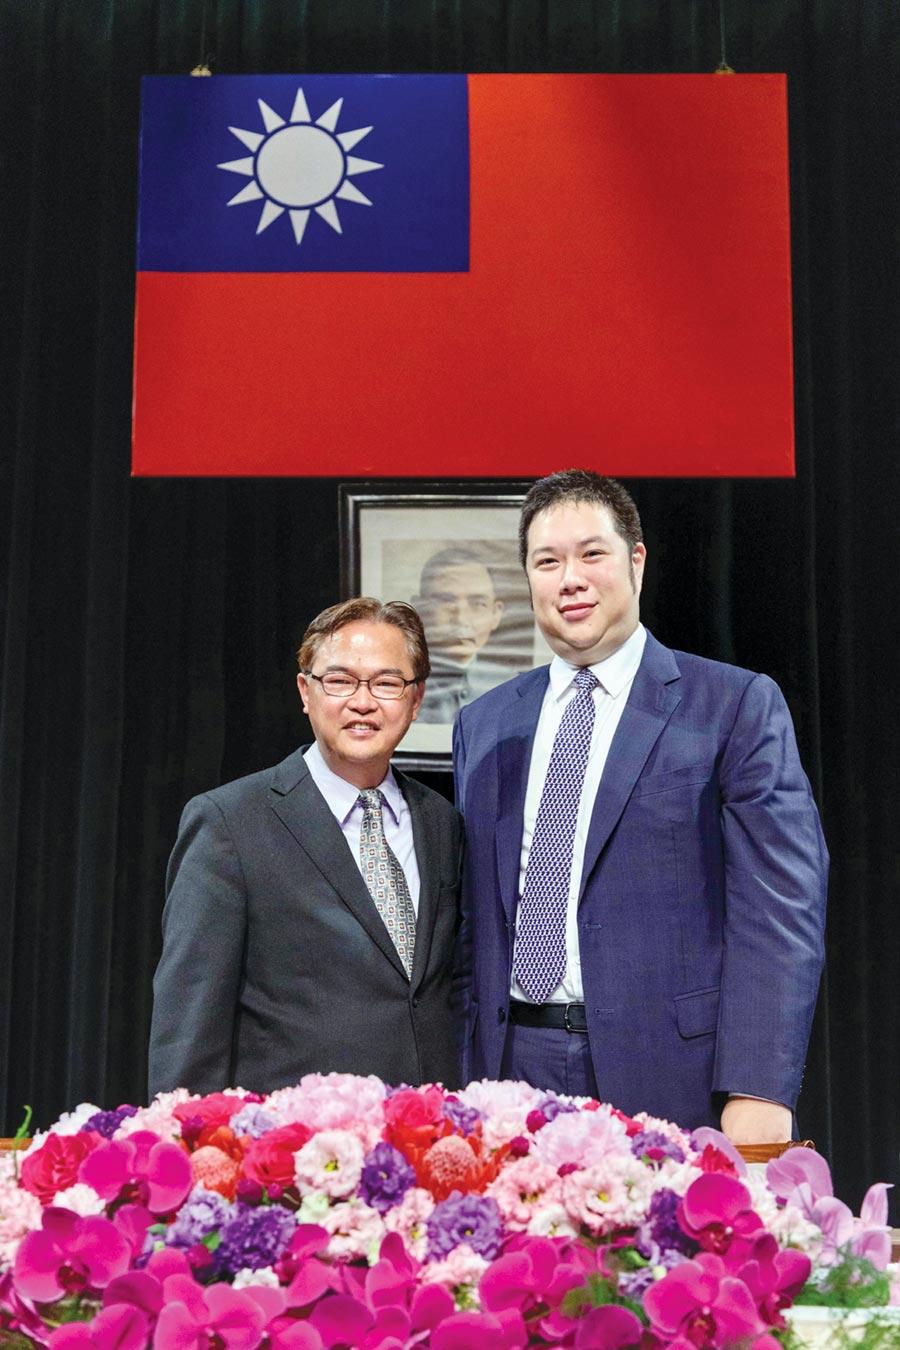 國際中橡董事長辜公怡(右)與總經理黃柏松。圖/袁延壽